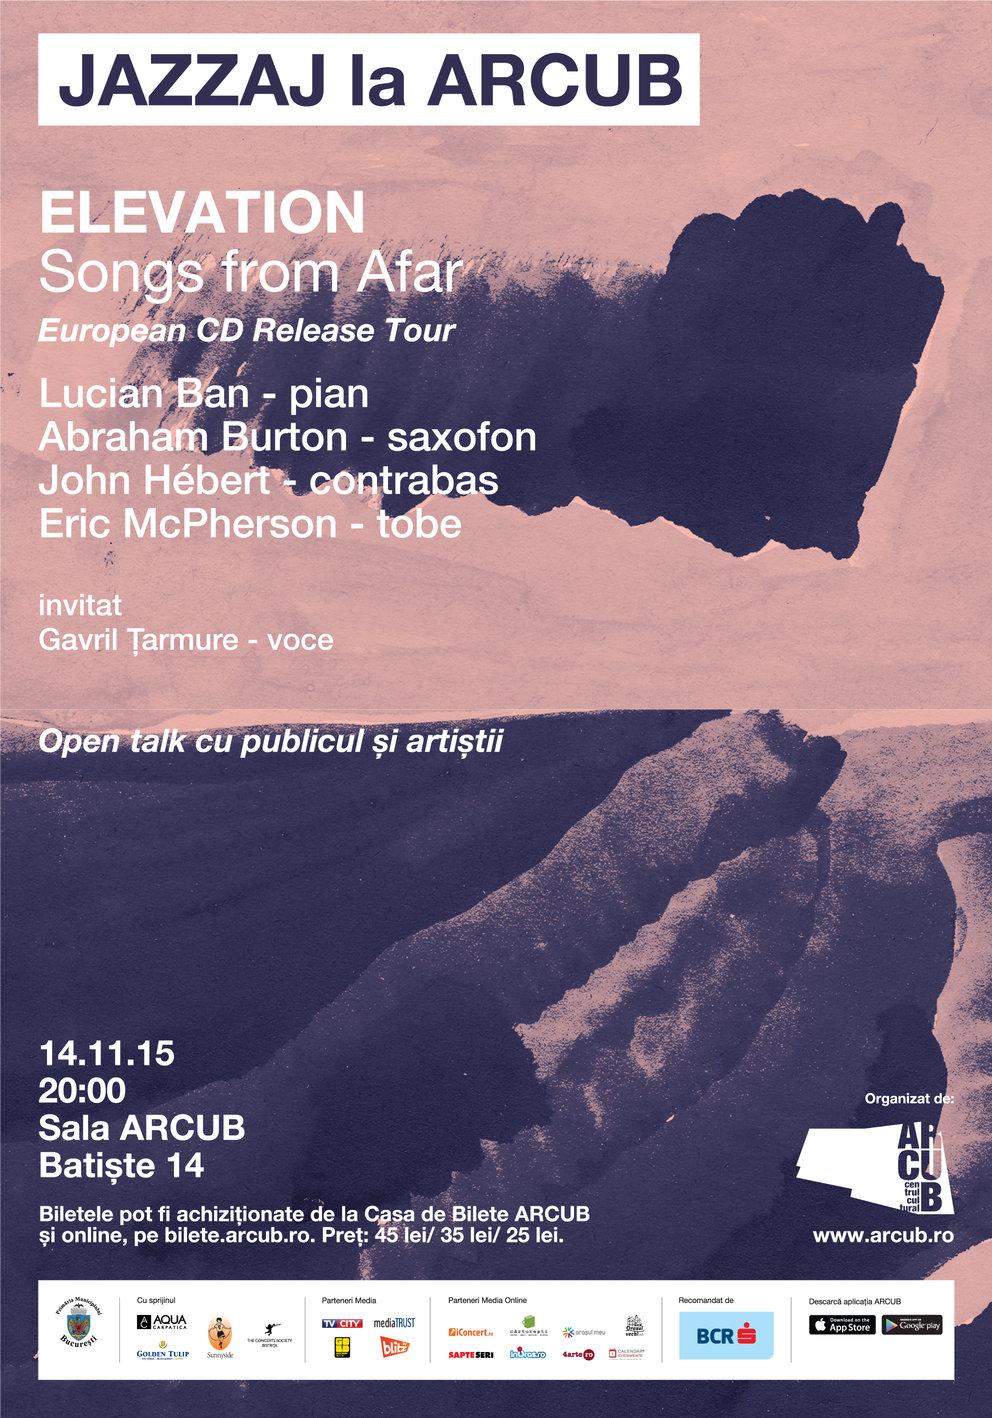 Jazzaj_la_arcub_elevation_songs_from_afar (1)